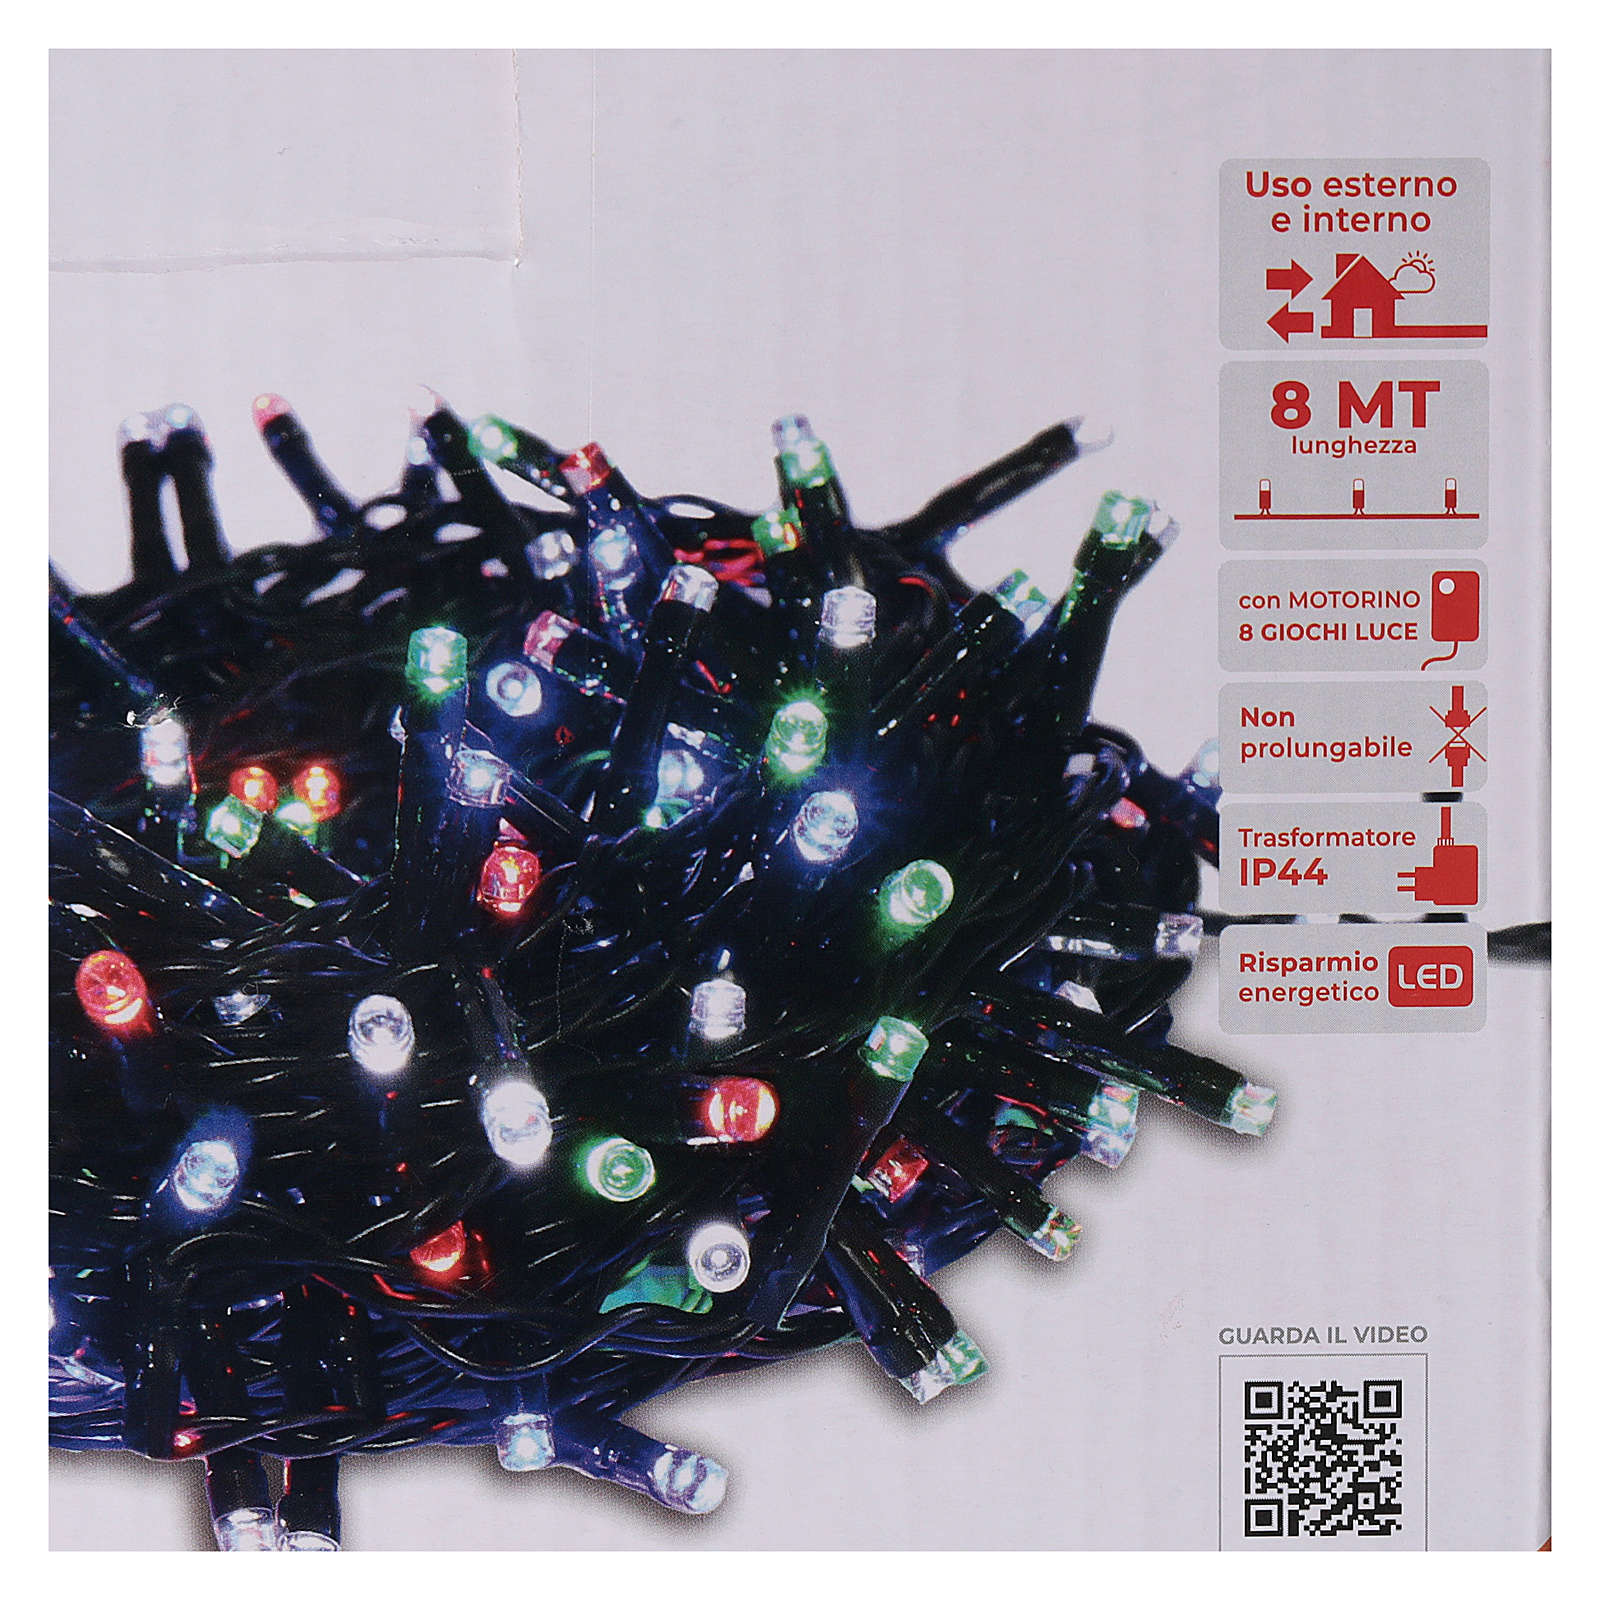 Grinalda LED de 200 luzes multicores com controle remoto exterior 220V 3